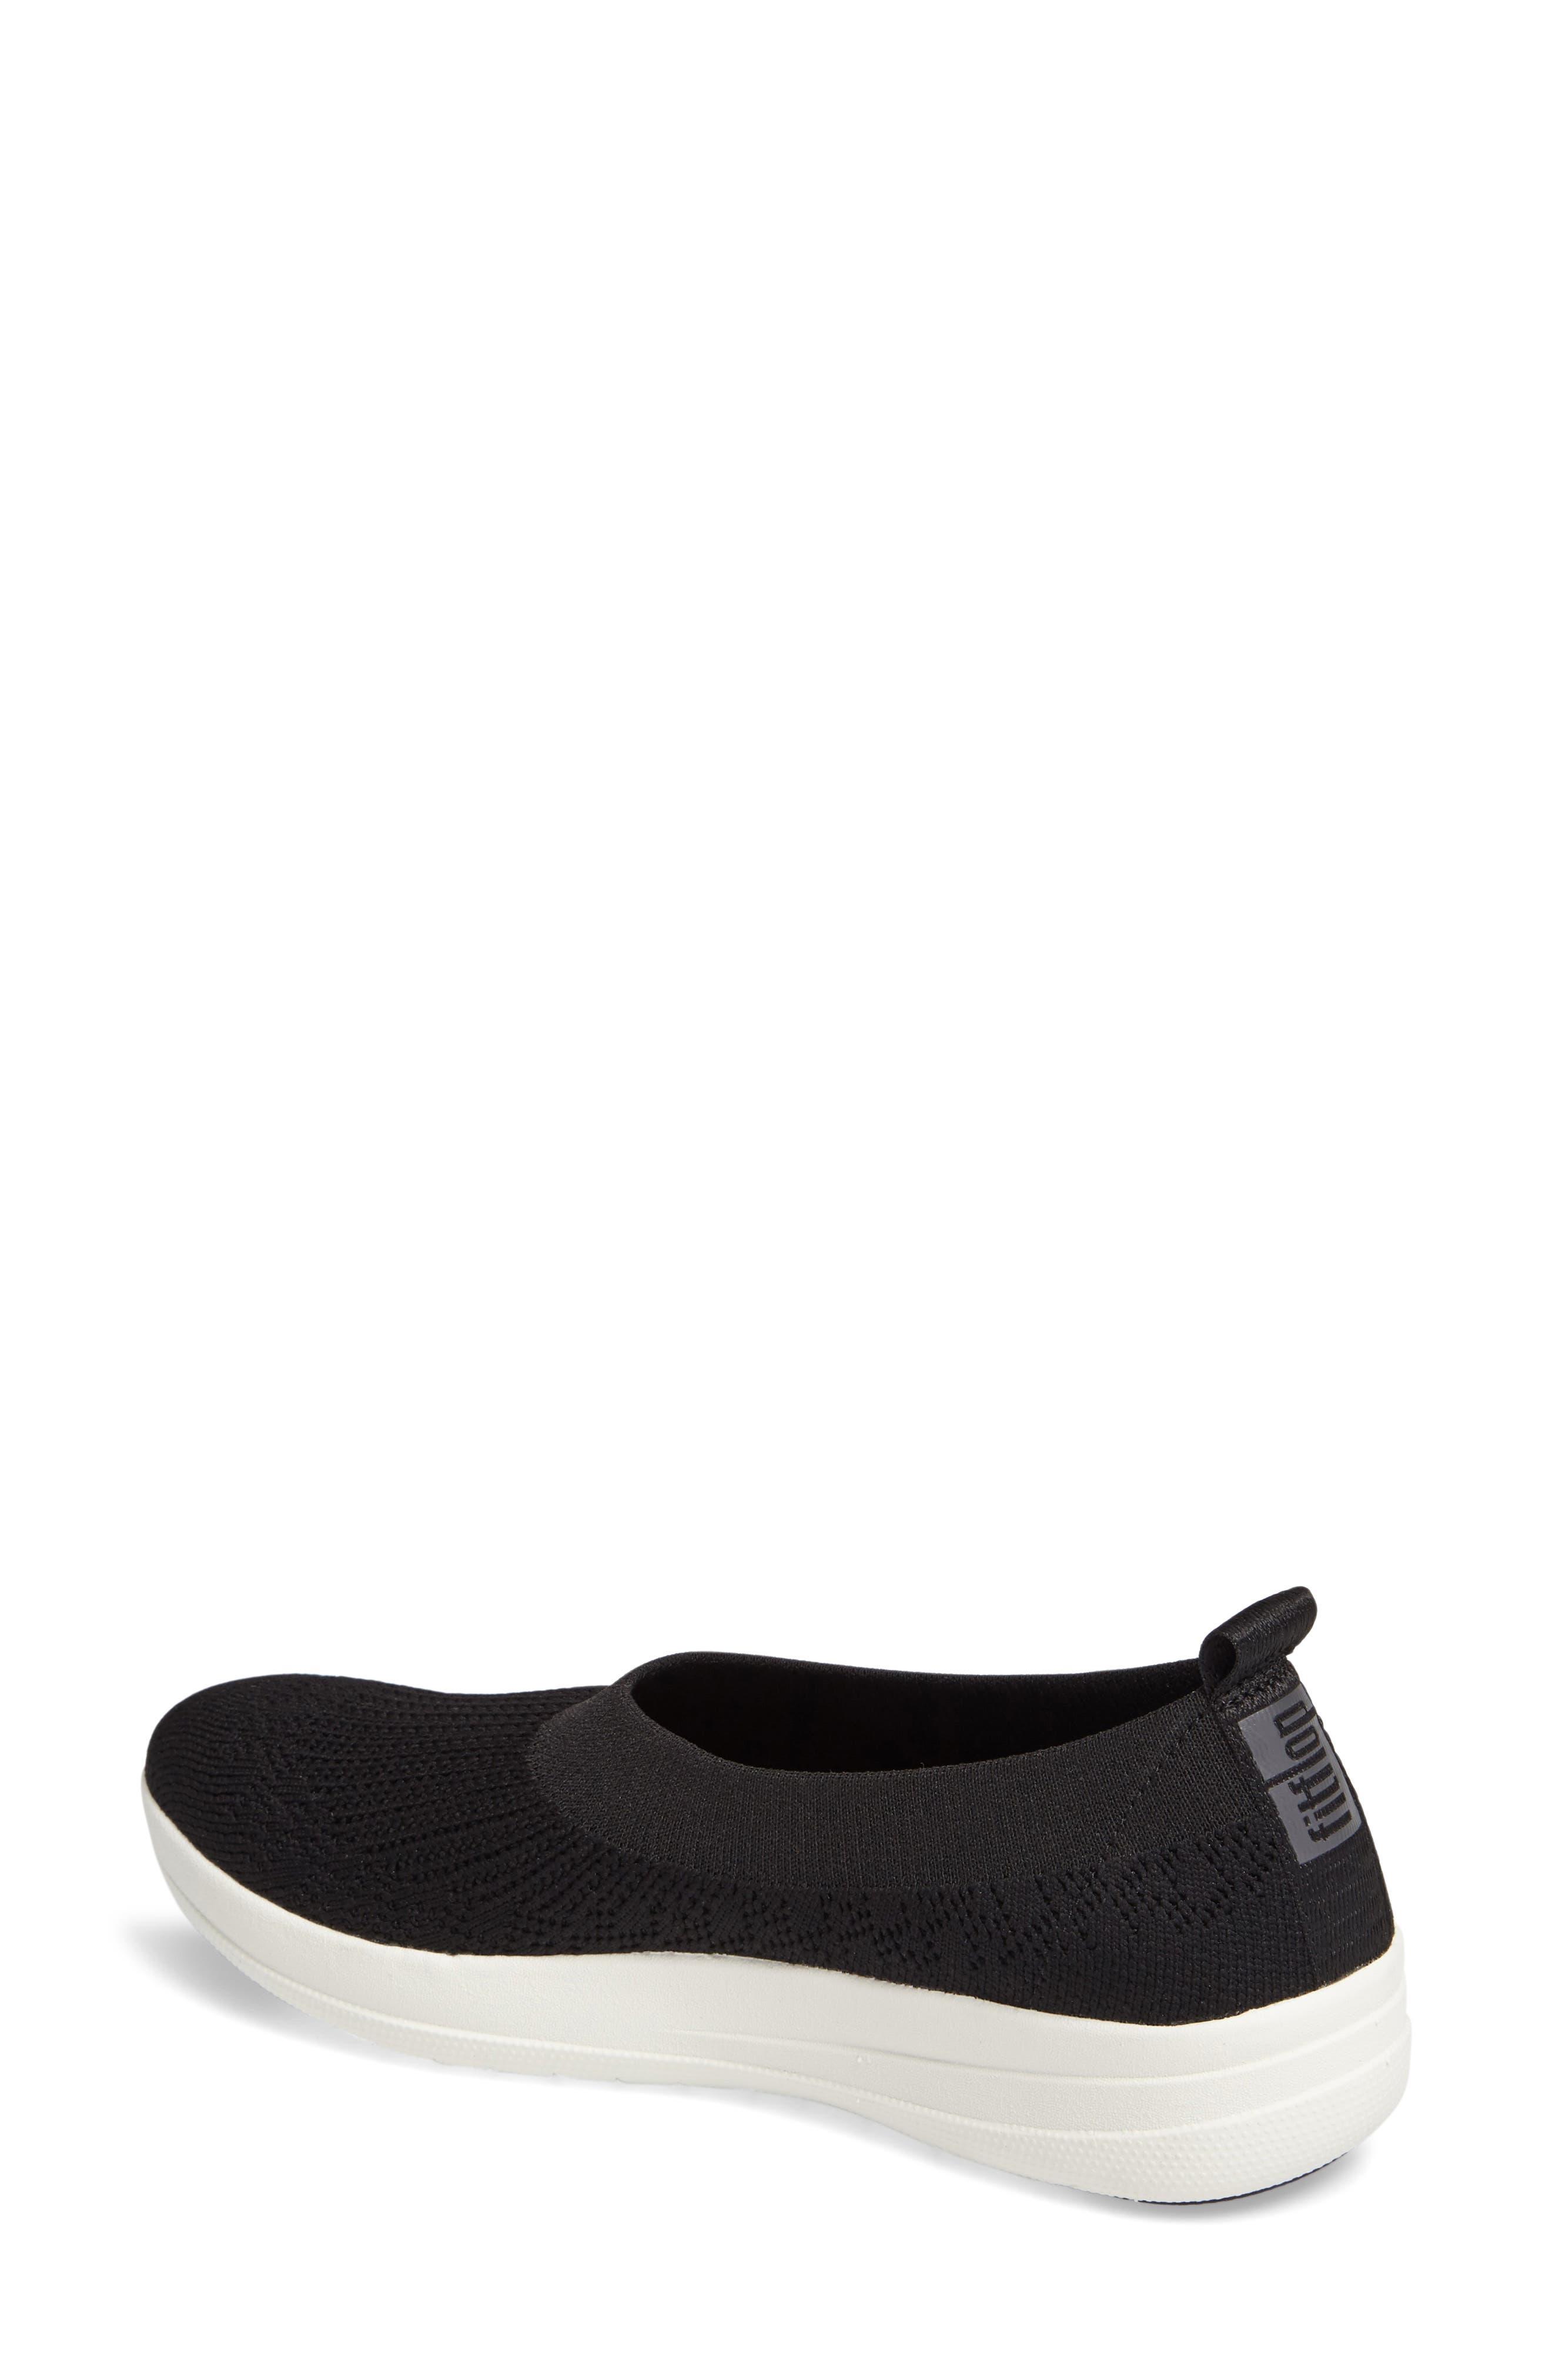 Uberknit Slip-On Sneaker,                             Alternate thumbnail 9, color,